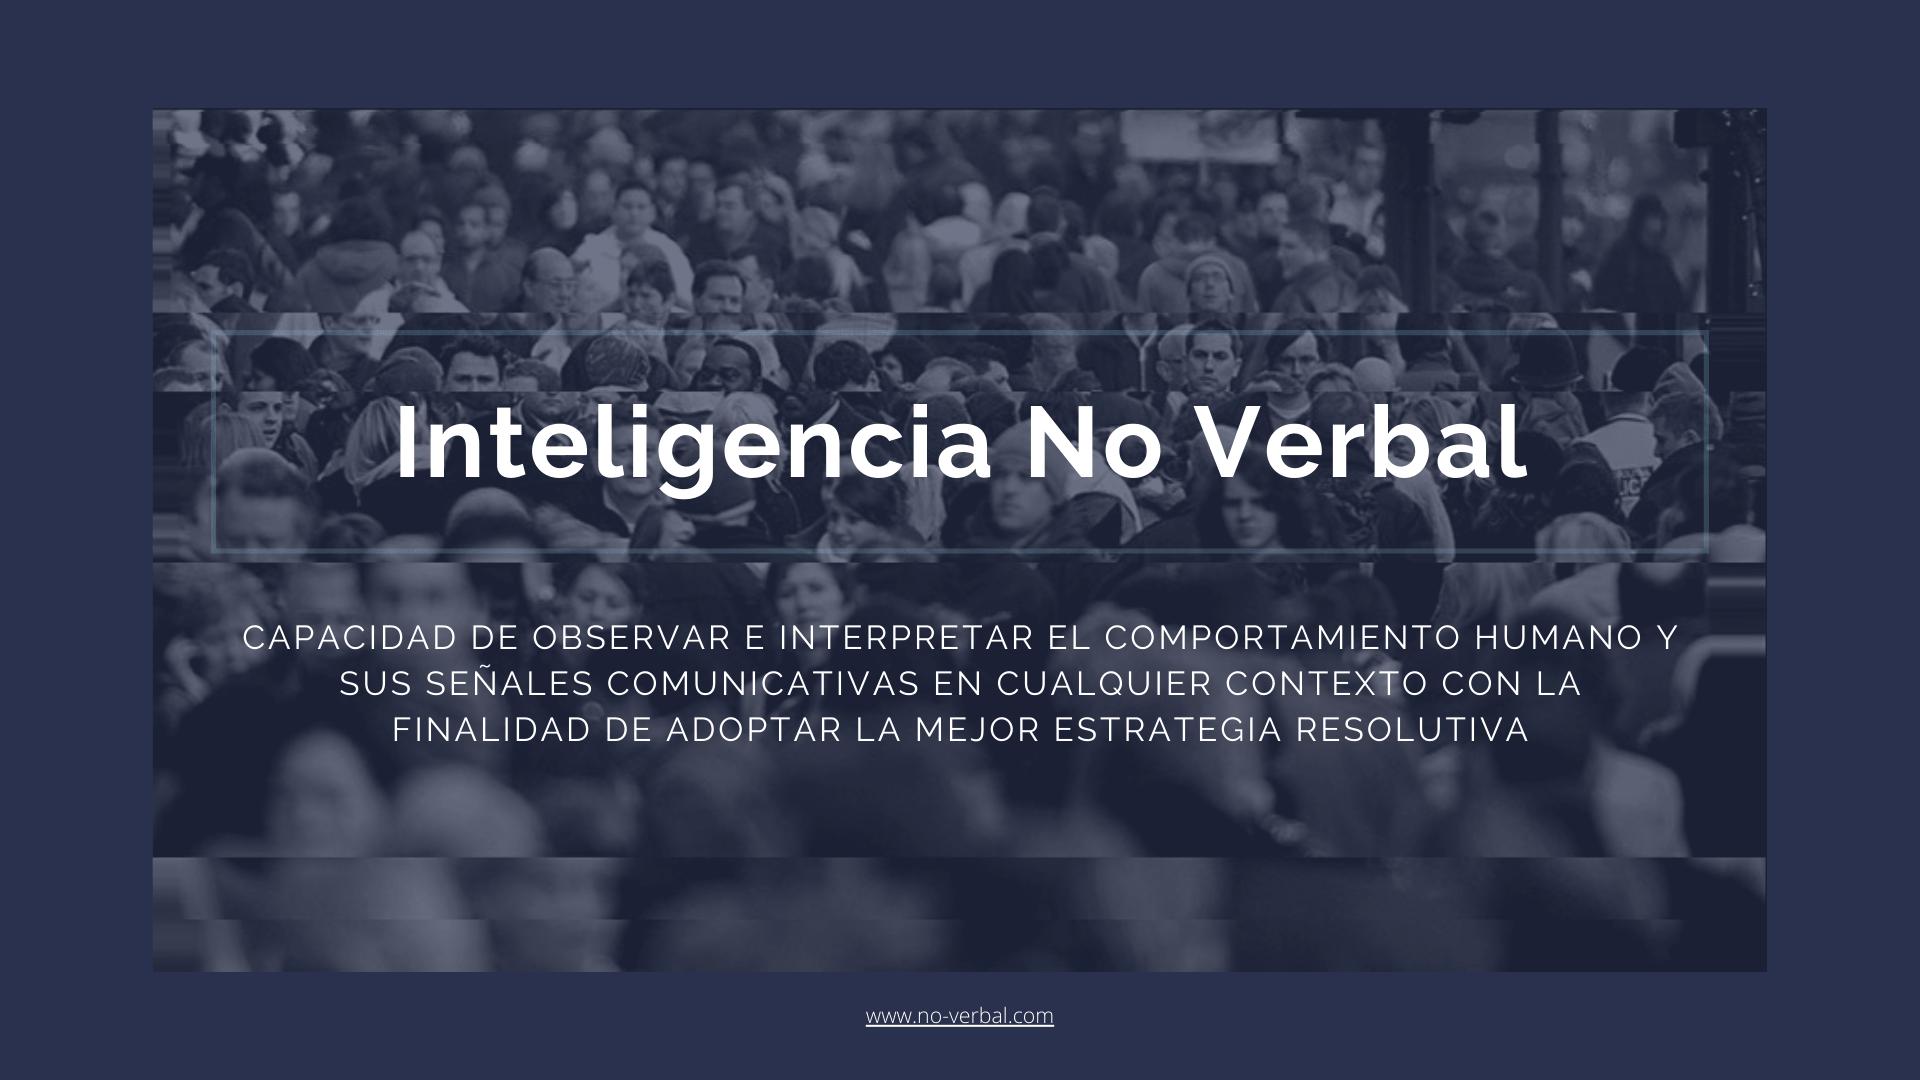 ¿Qué es la Inteligencia No Verbal?